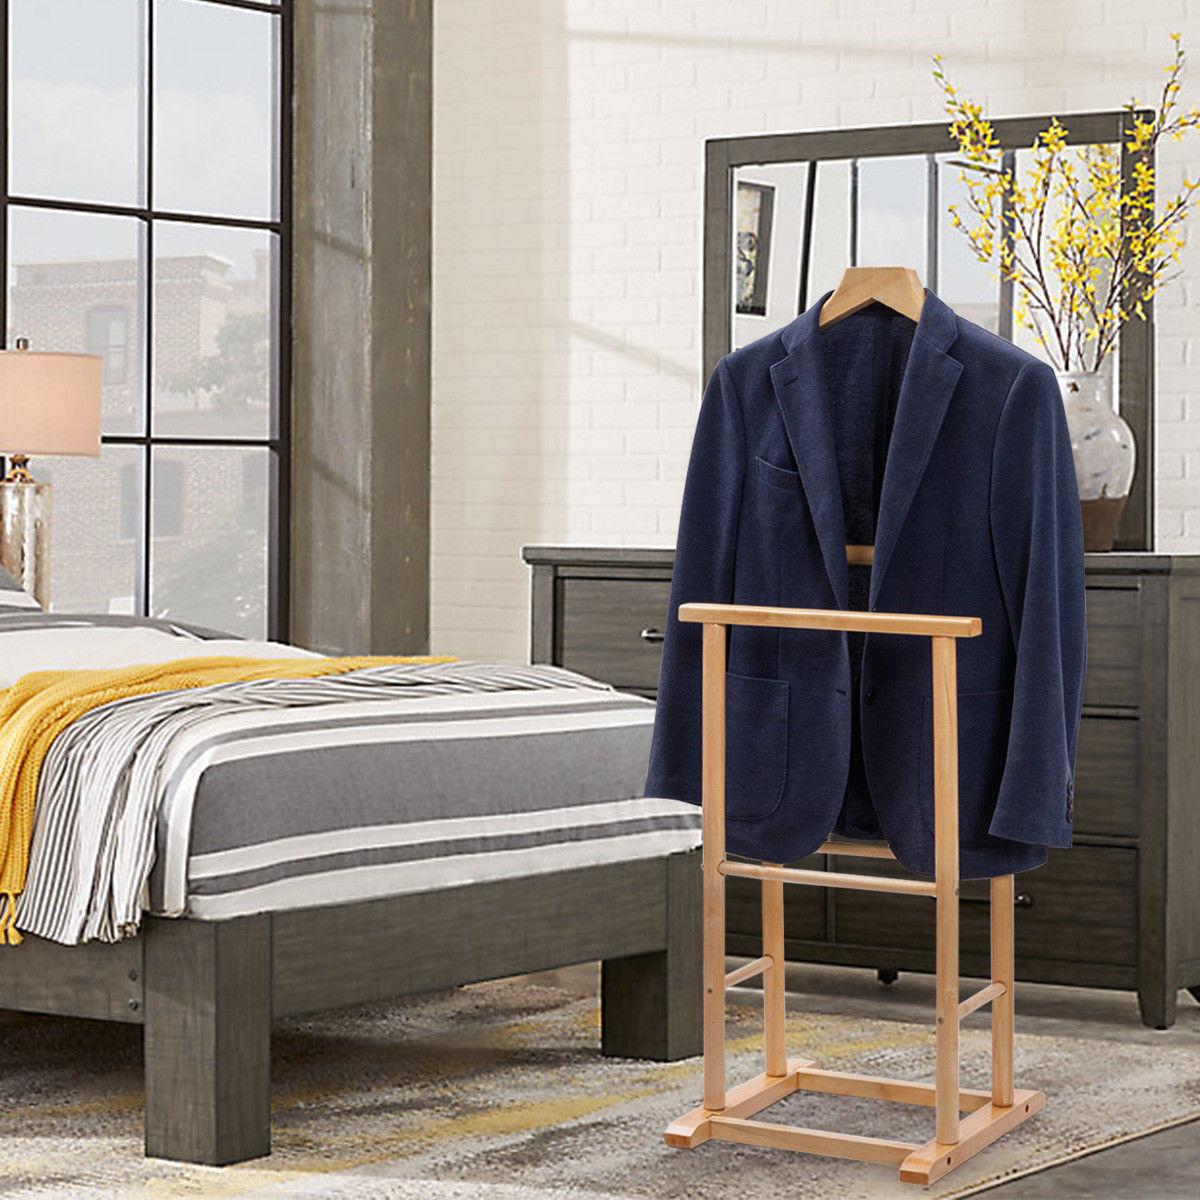 Gymax Men's Valet Stand Coat Rack Executive Clothes Suit Hanger Stand - image 4 de 8